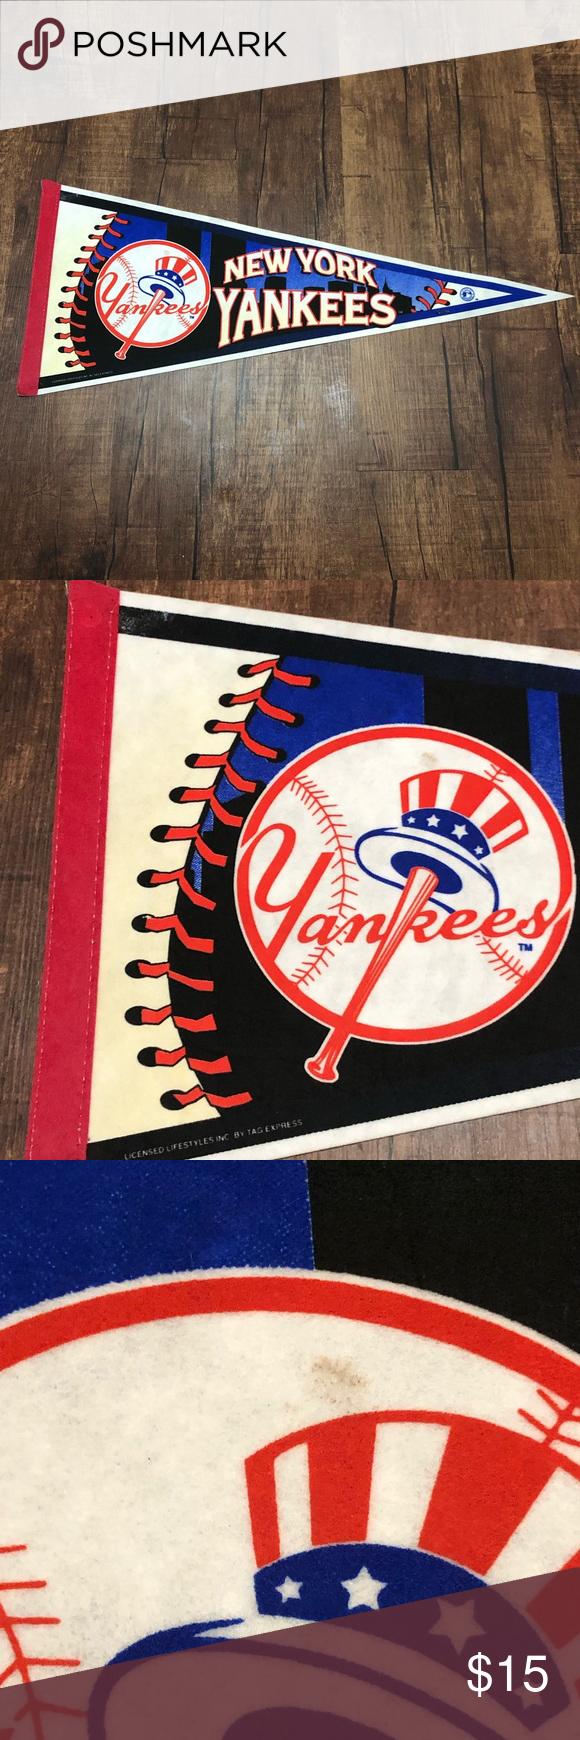 1998 New York Yankees Baseball Pennant New York Yankees Baseball Yankees Baseball